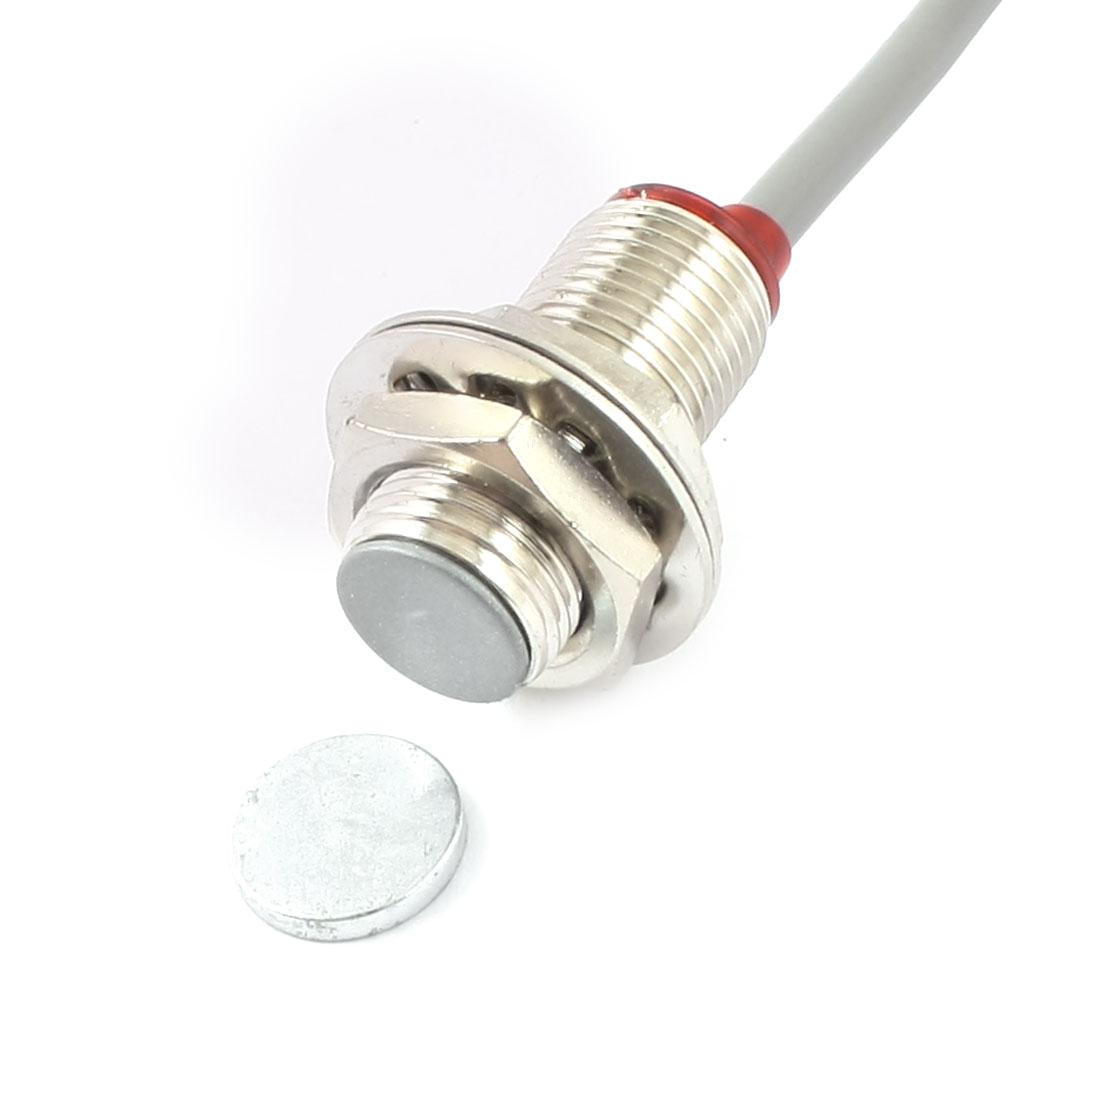 NJK-5002A 10mm Approach Hall Proximity Sensor Switch + Magnet DC 6-36V